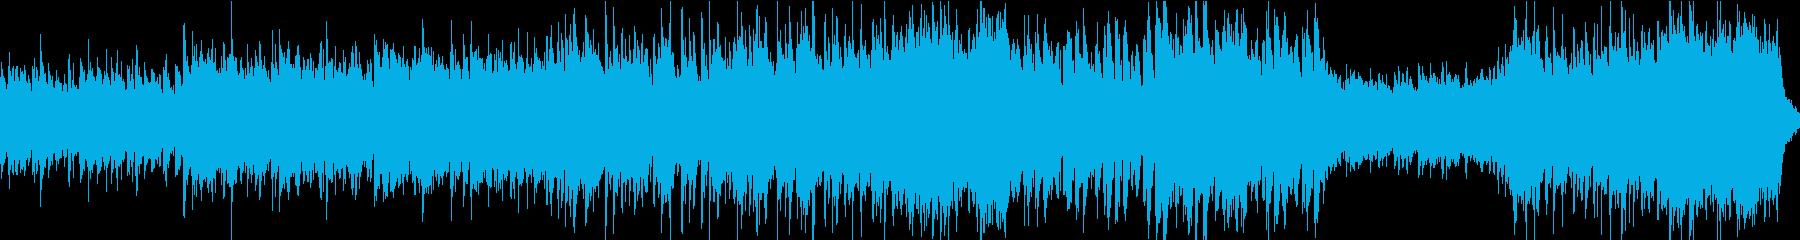 塔・神殿ダンジョンBGM(ループ)の再生済みの波形